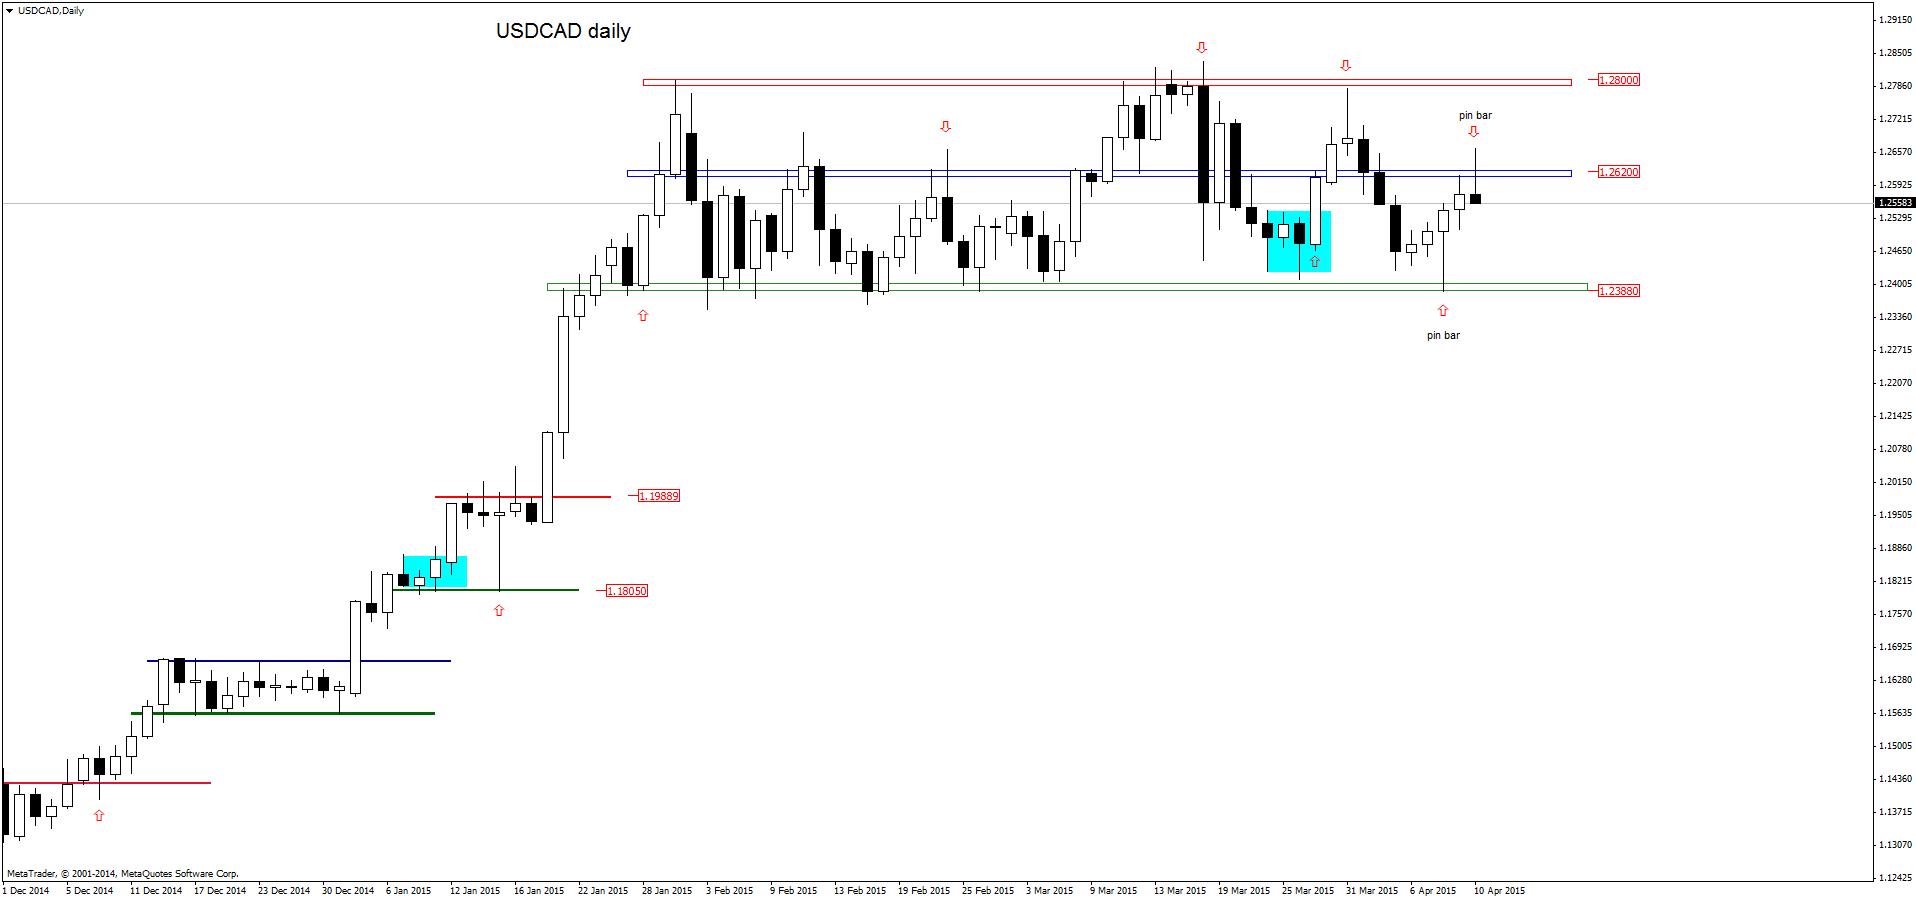 FXMAG forex w poszukiwaniu anatomii konsolidacji usdjpy dolar amerykański jen japoński konsolidacja forex usd/cad usd/jpy price action 6